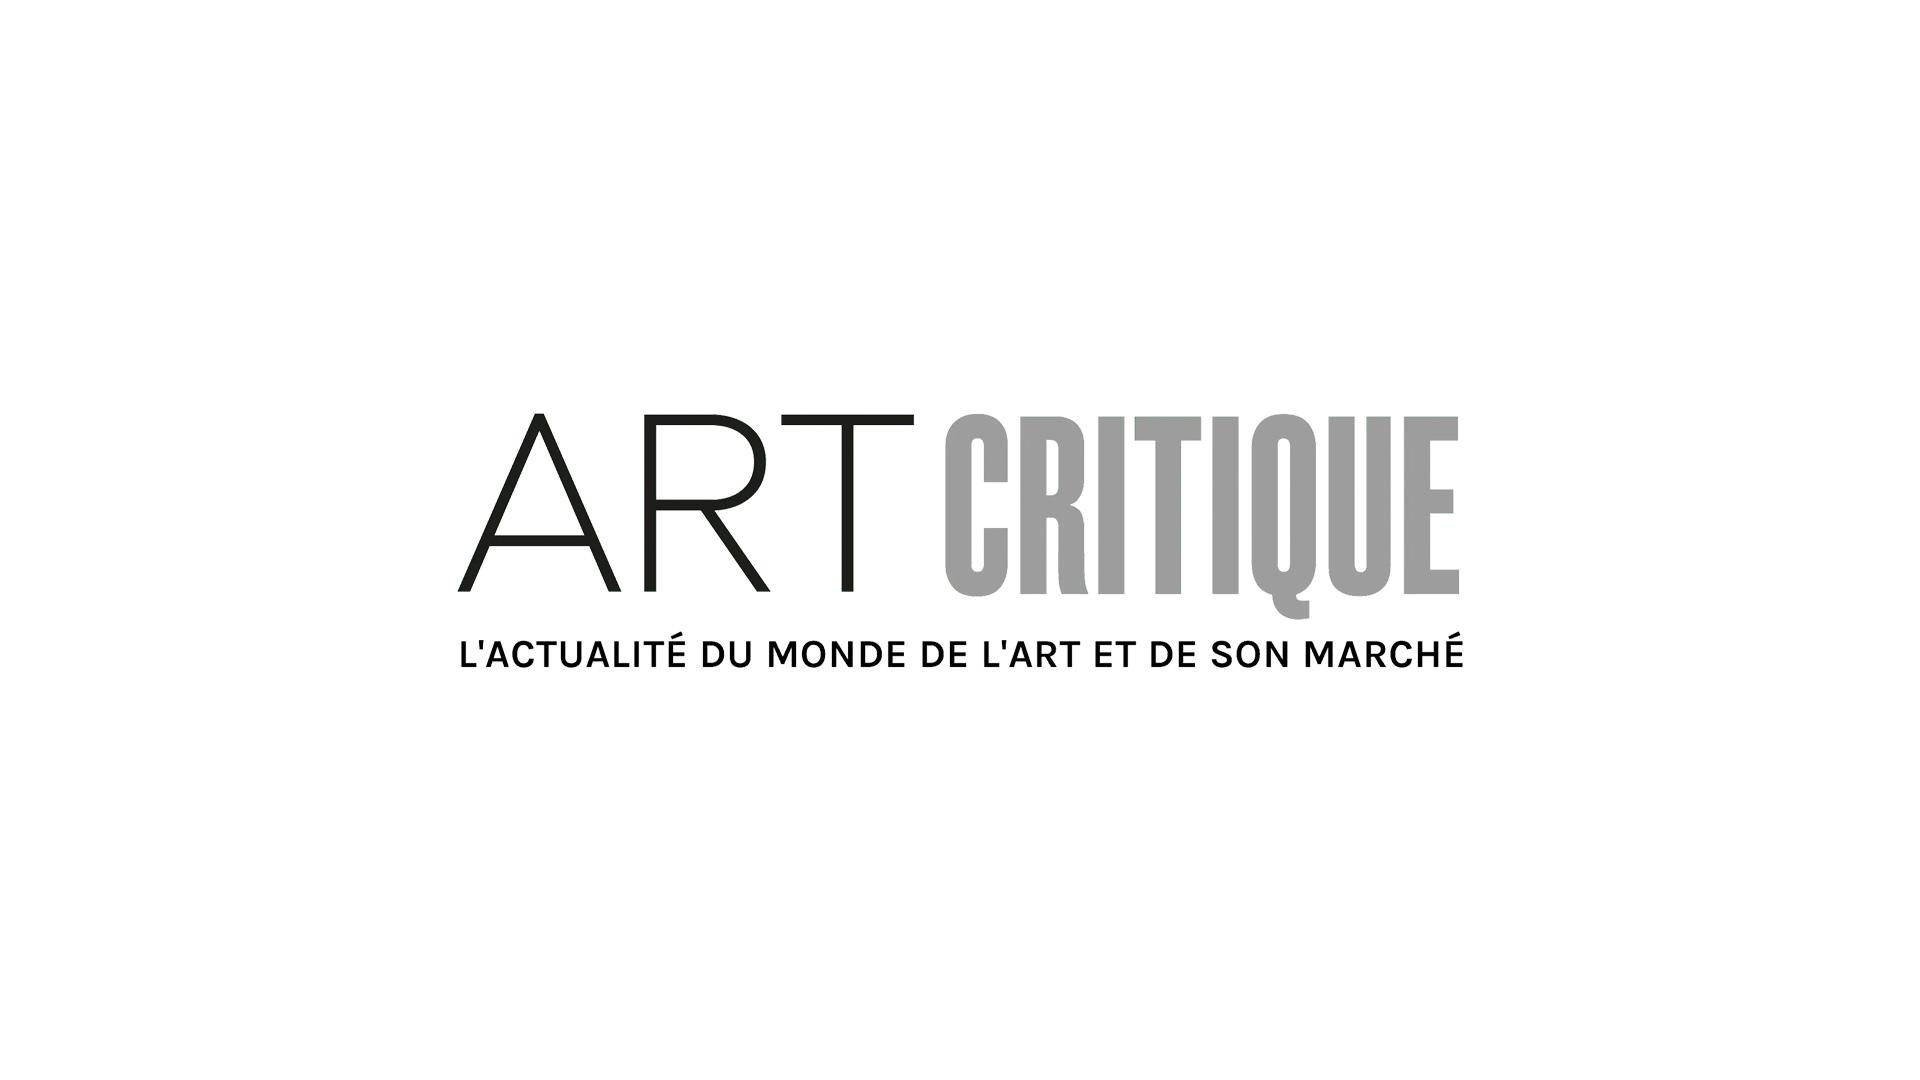 Doc Martens, Vinyl Factory, The Kooples – ces marques rock qui mettent la mode en musique